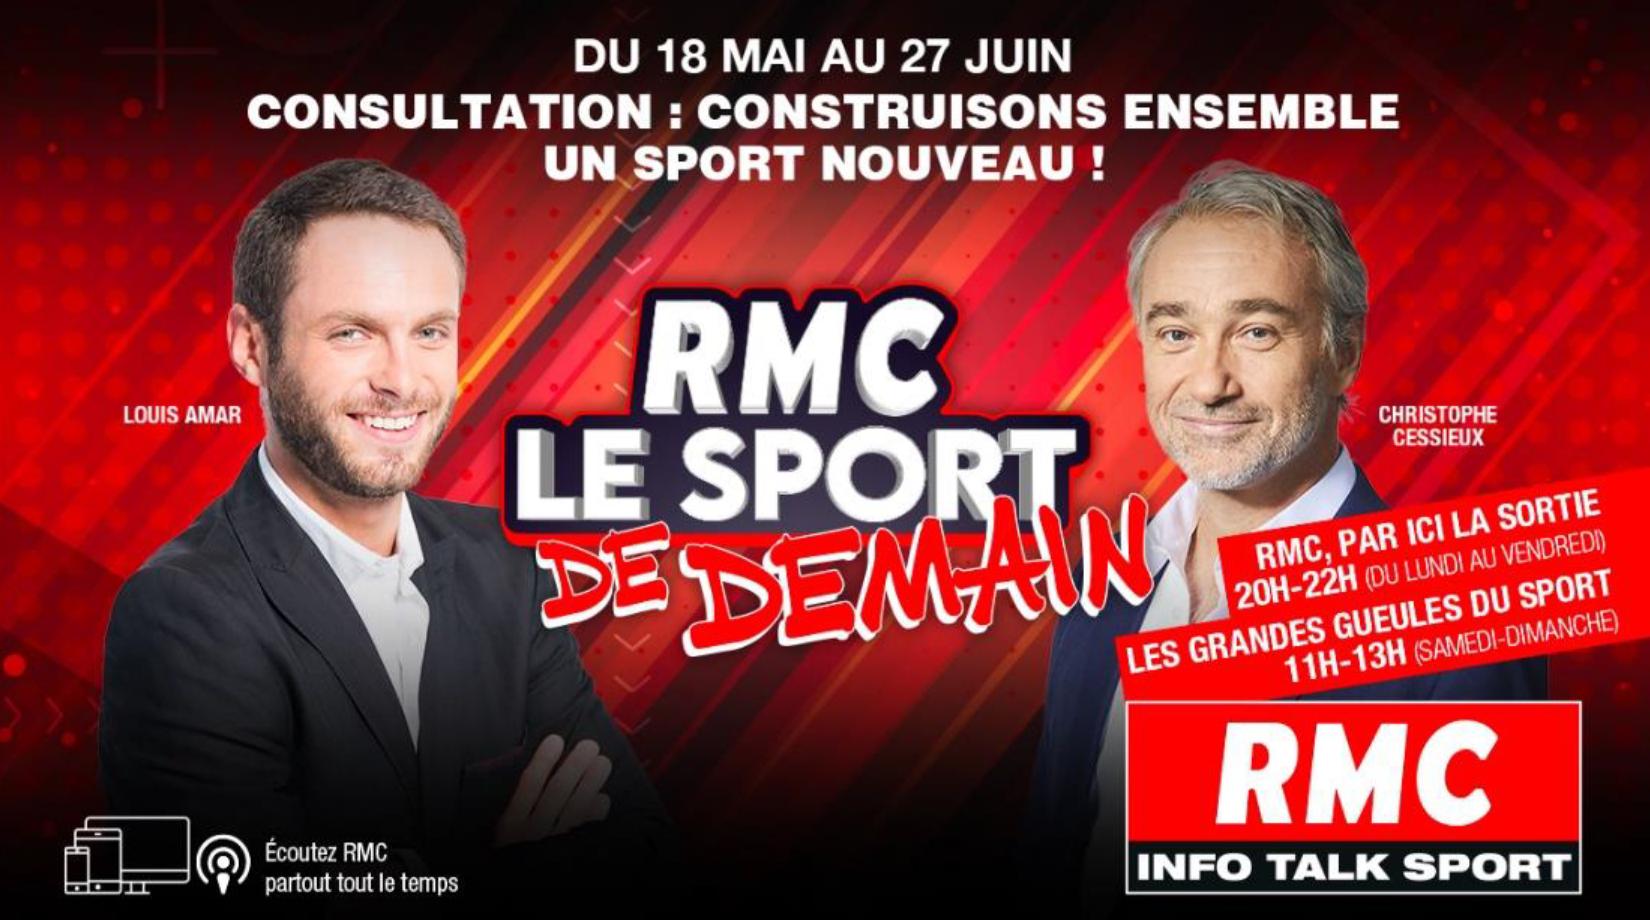 RMC lance une consultation sur le sport en France